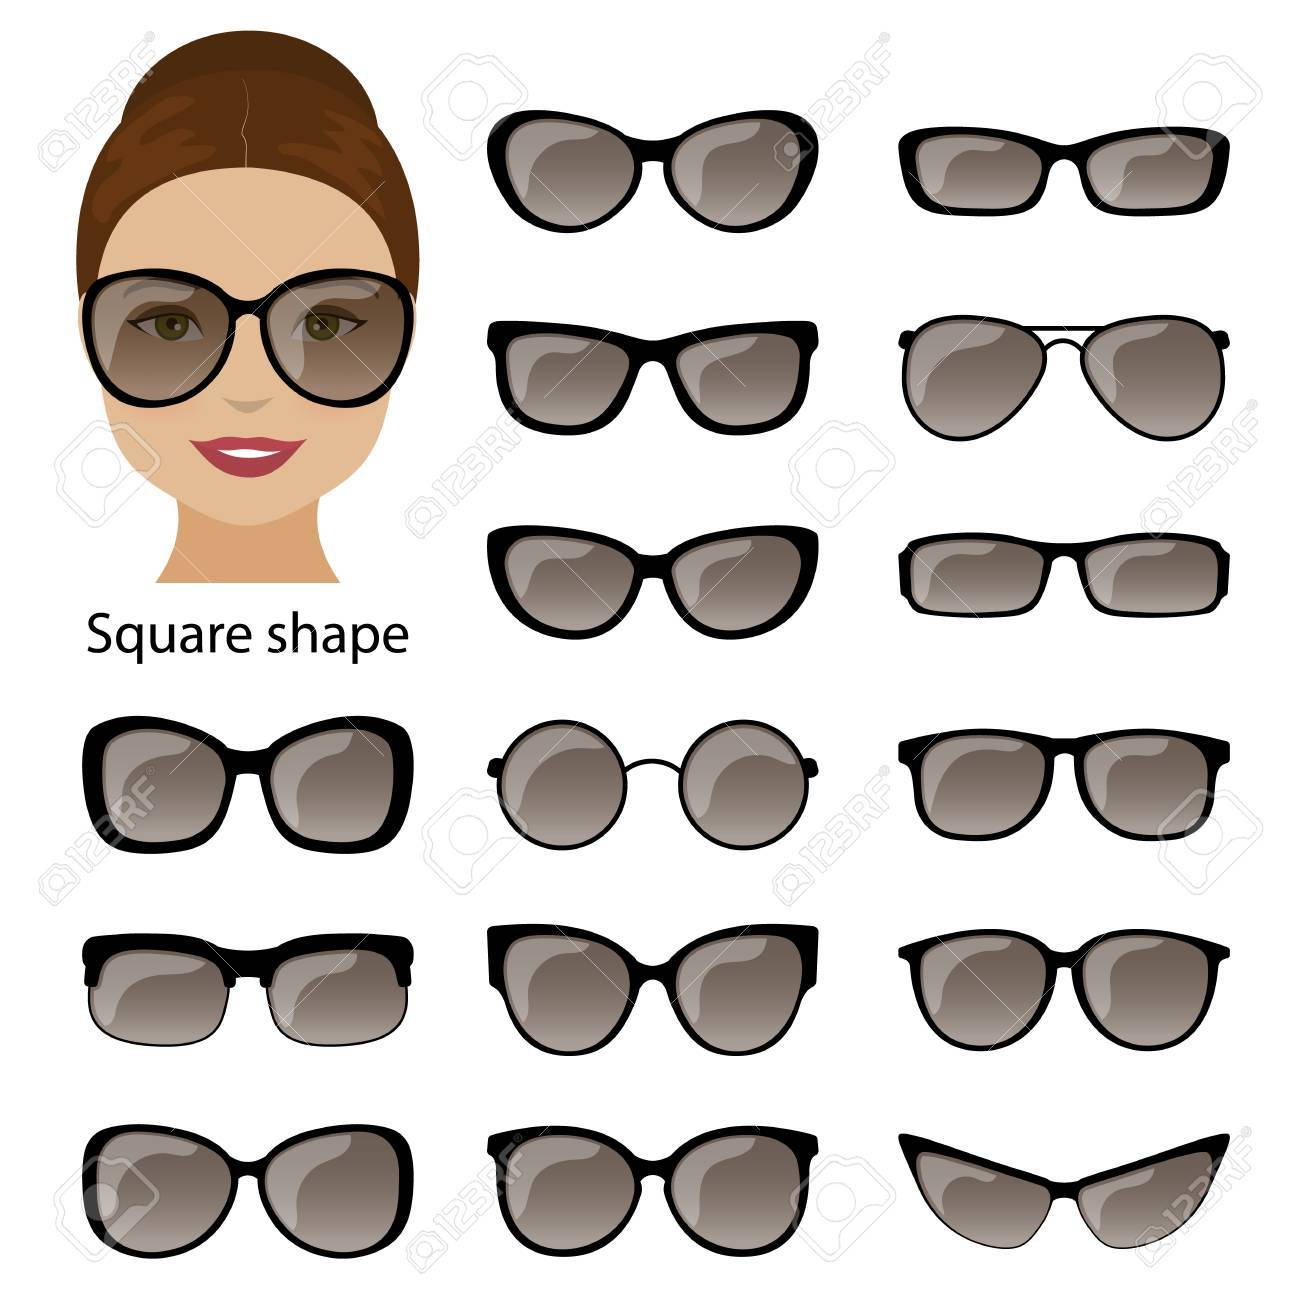 Brillenfassungen Für Quadratische Frauen Gesicht. Vektor Lizenzfrei ...